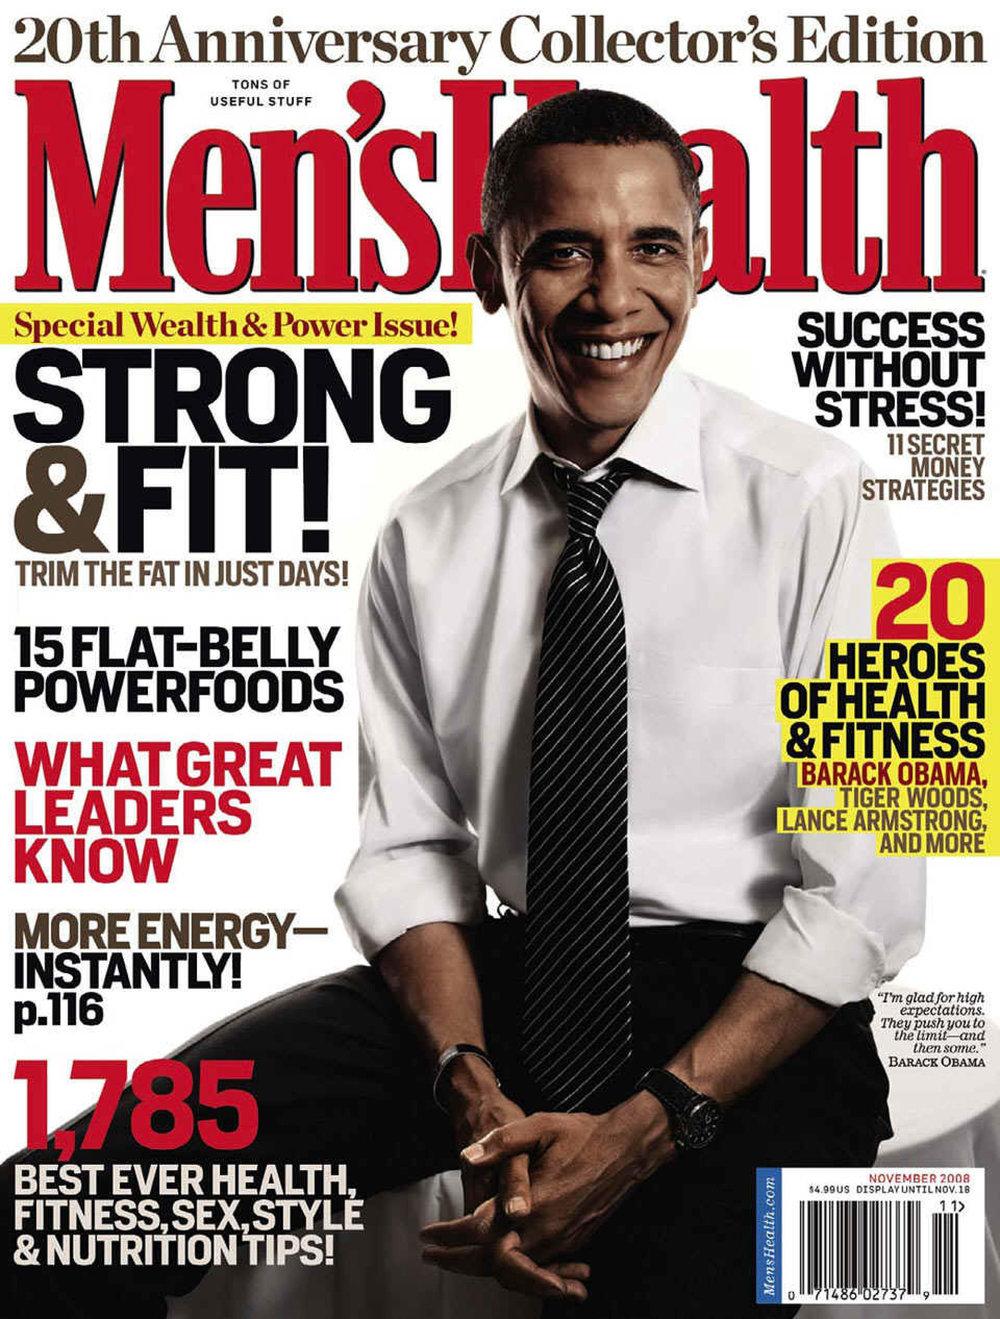 552531MensHealthMagazineNovember2008cover.jpg